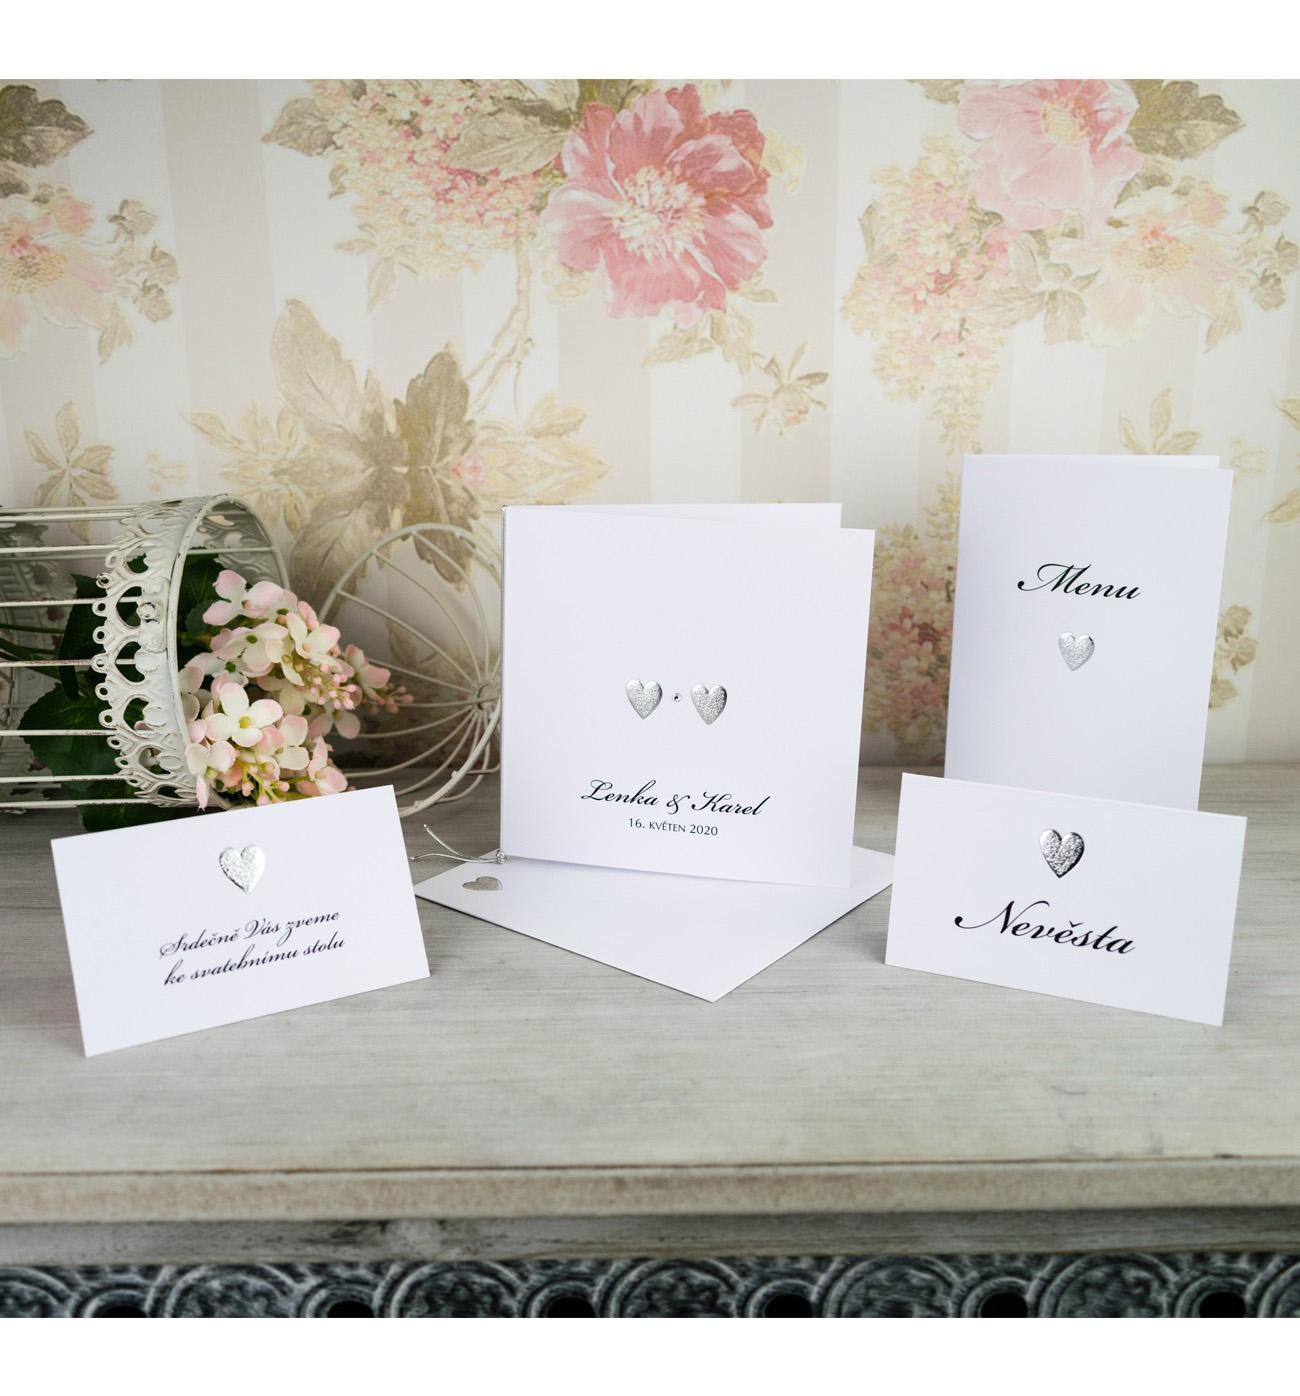 Svatební oznámení, tiskoviny a krabičky - Obrázek č. 94